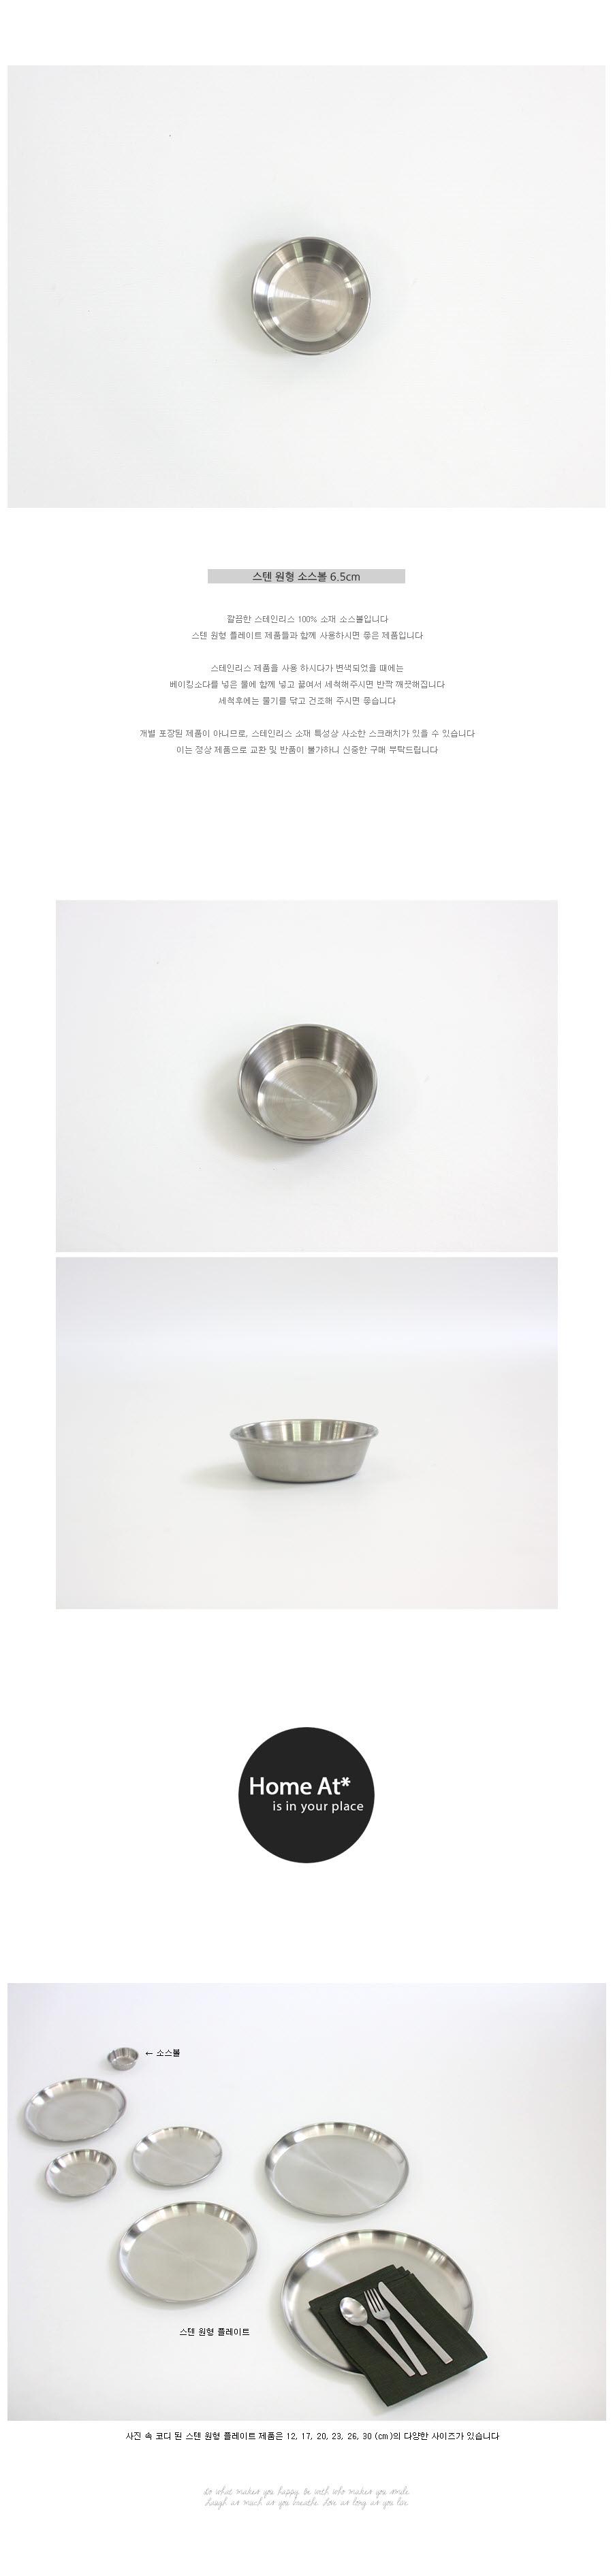 스텐 원형 소스볼 6.5cm - 홈앳, 2,200원, 샐러드볼/다용도볼, 종지/소스볼